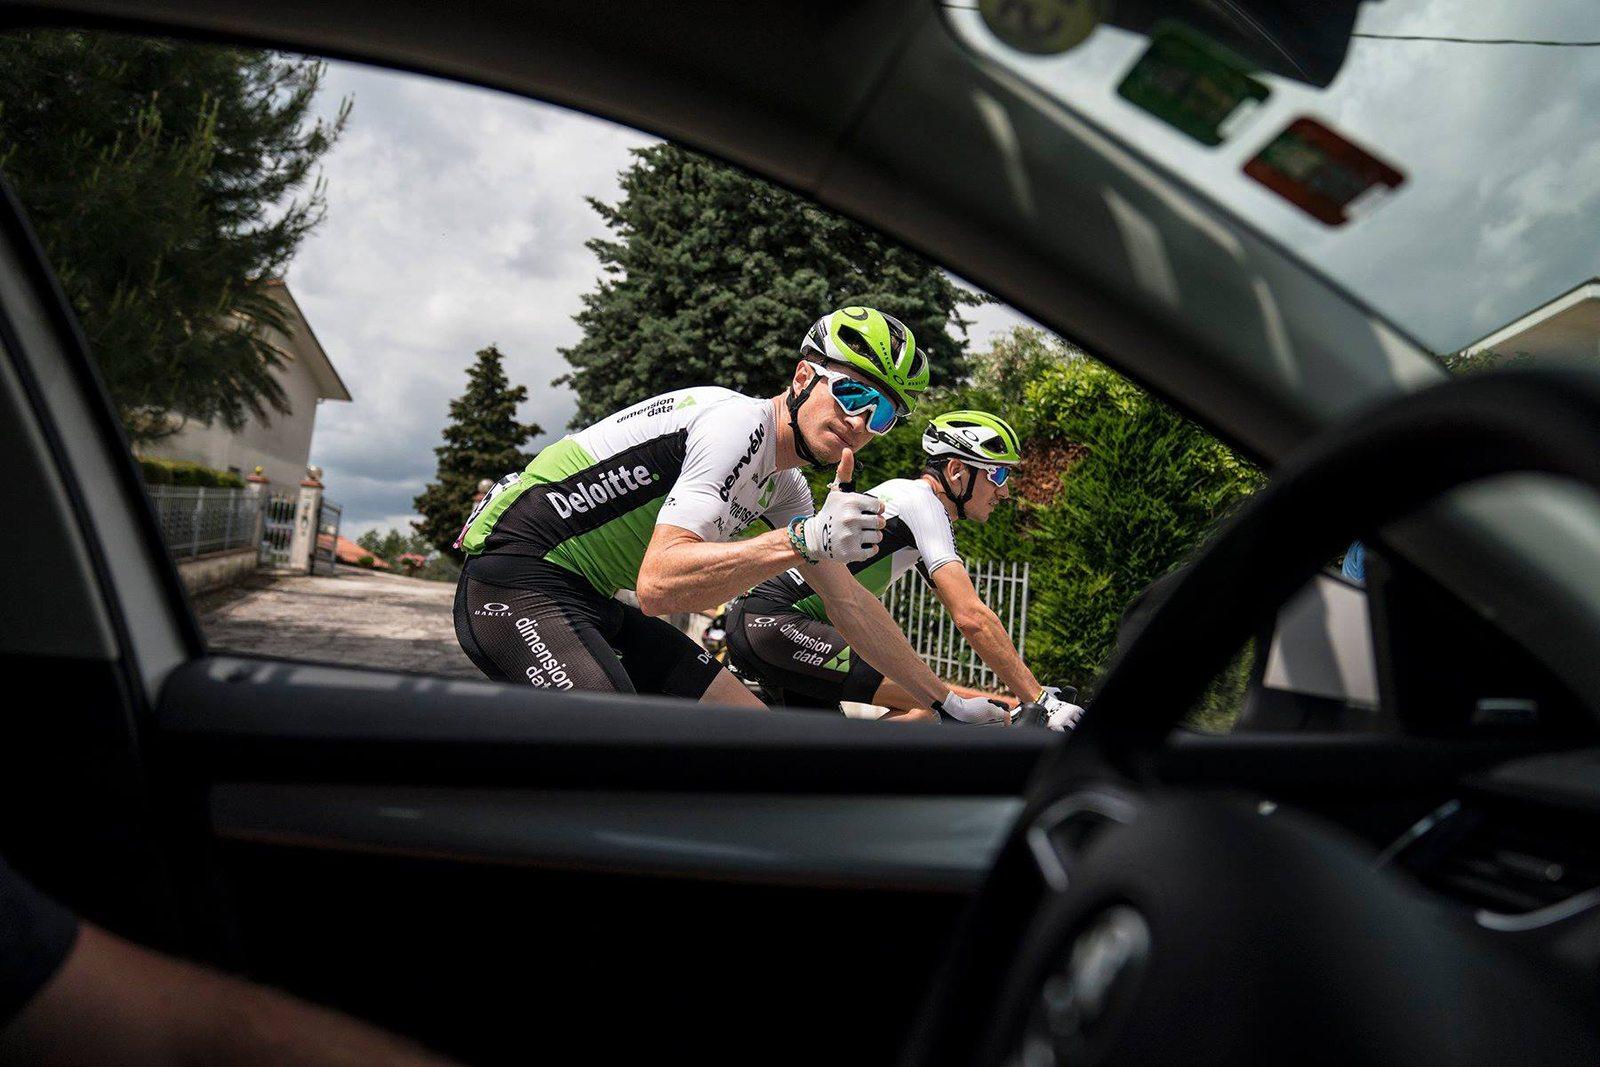 El ciclista español de Dimension Data, Igor Antón, se bajó de la bici en la 15ª etapa del Giro de Italia.